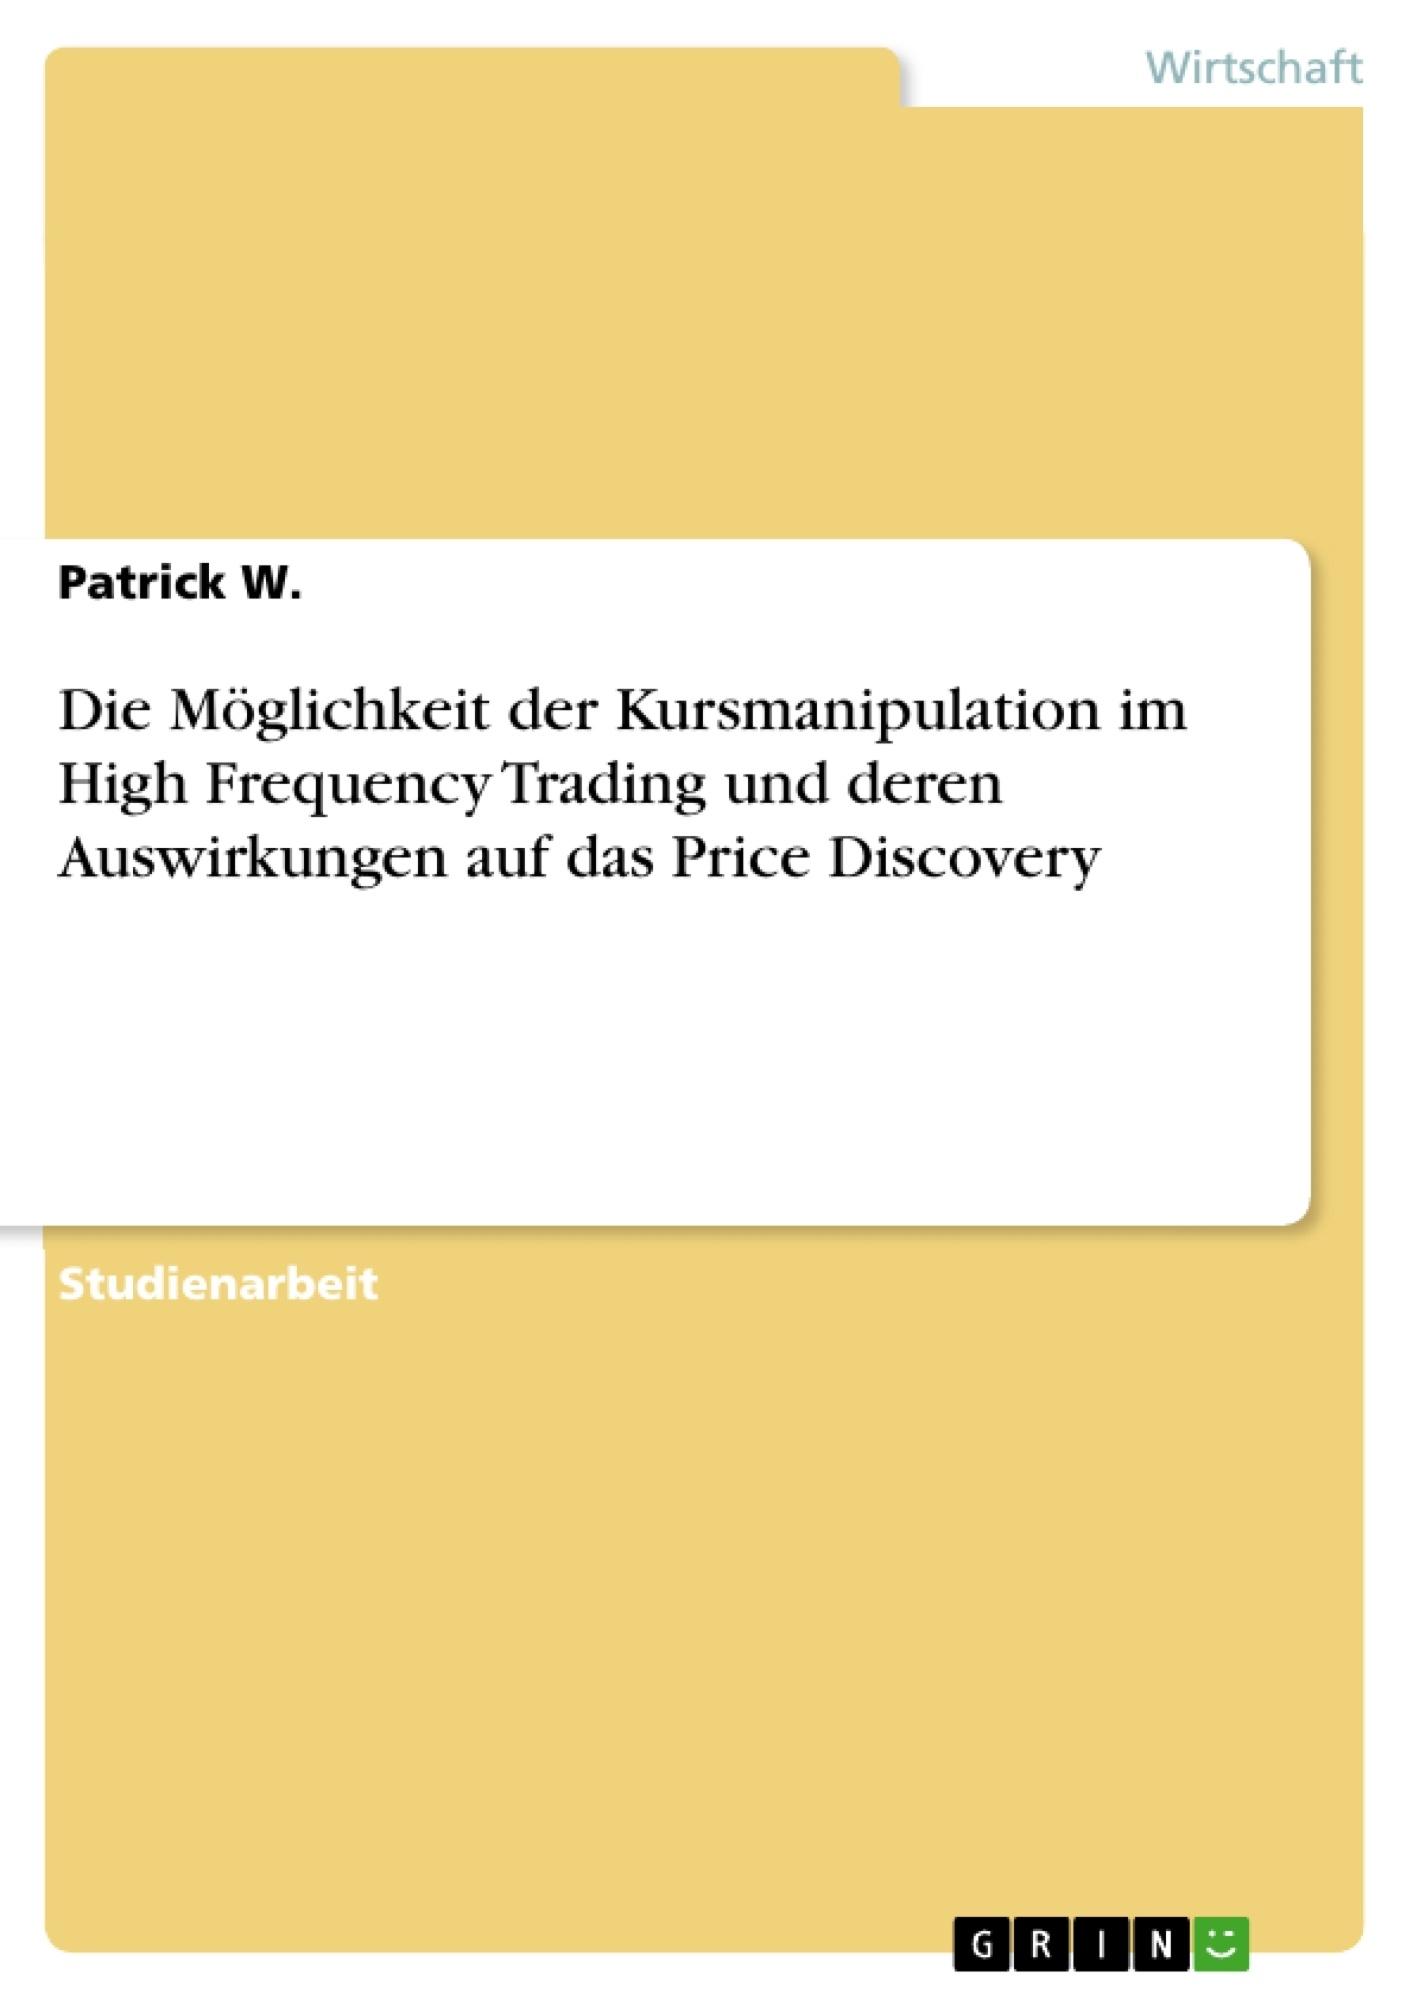 Titel: Die Möglichkeit der Kursmanipulation im High Frequency Trading und deren Auswirkungen auf das Price Discovery